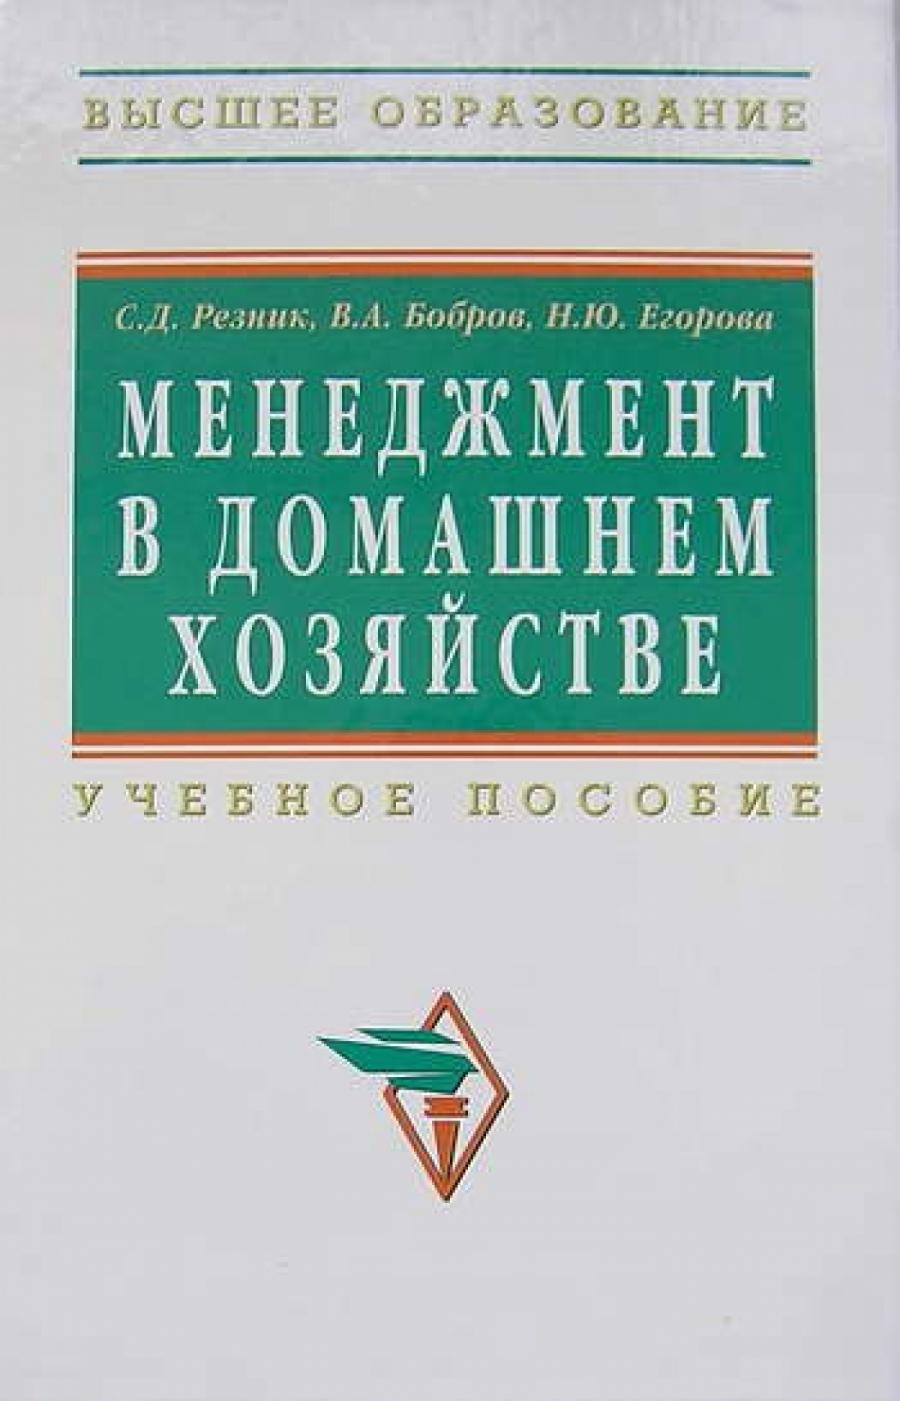 Обложка книги:  резник с.д., бобров в.а., егорова н.ю. - менеджмент в домашнем хозяйстве